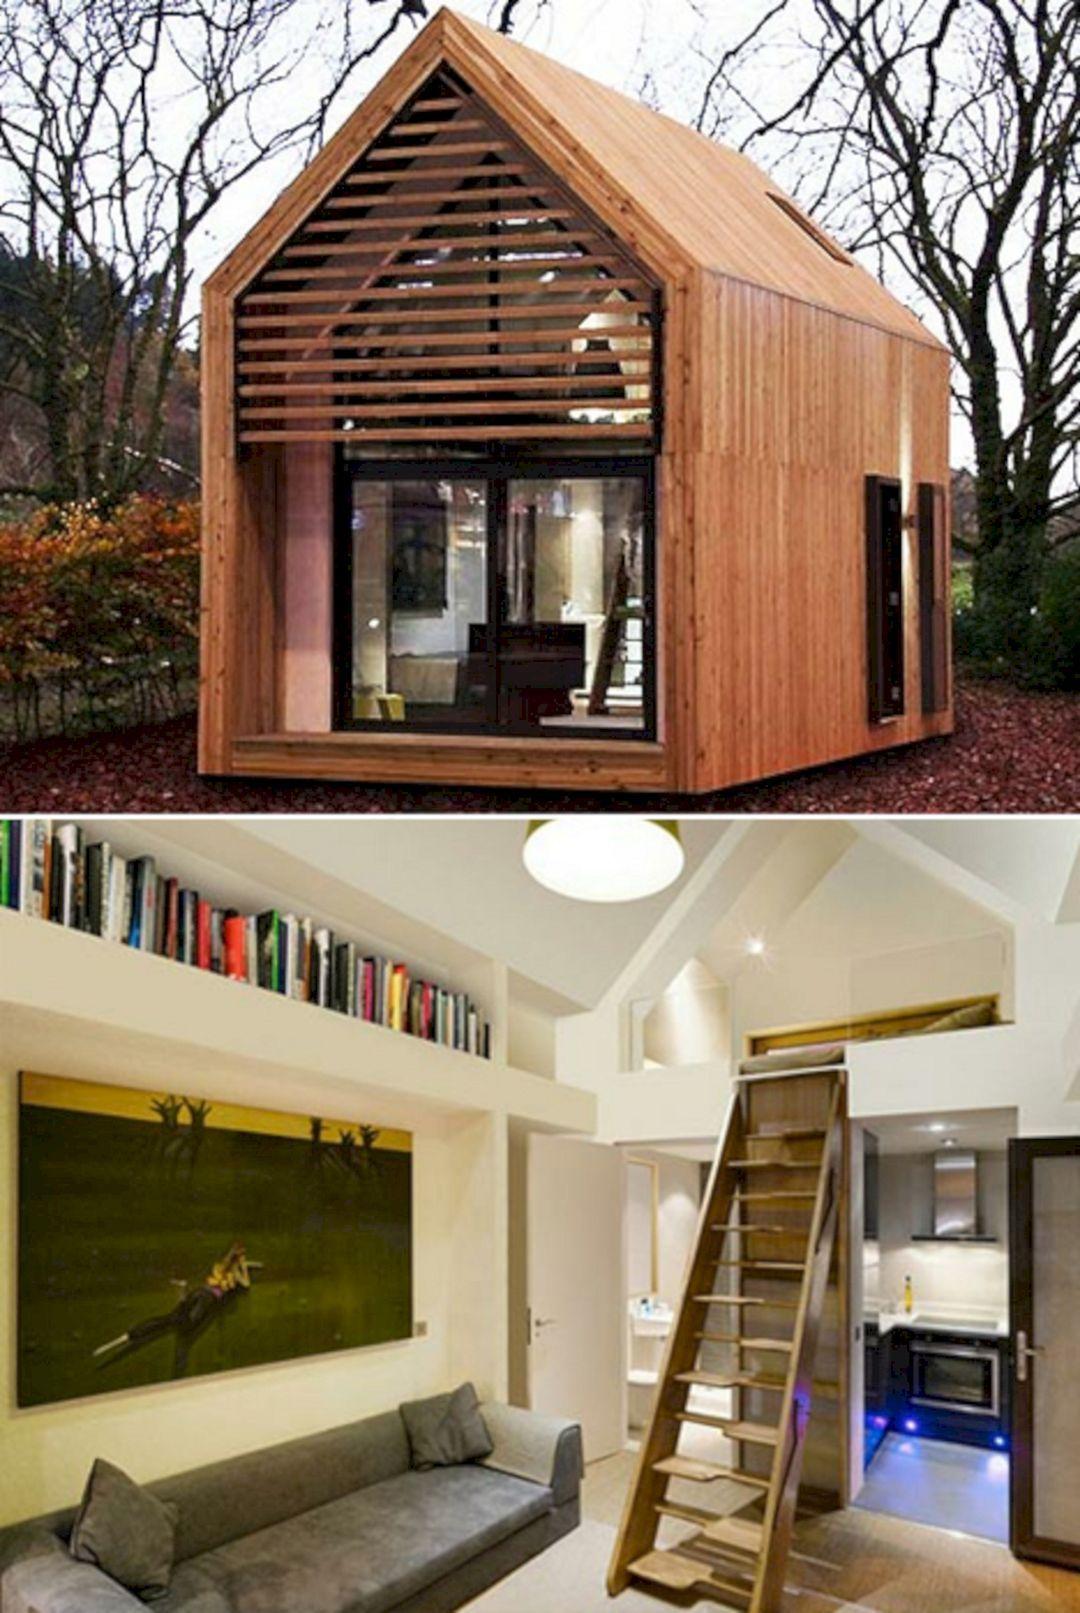 Modern Tiny House Tiny House Living Tiny House Design: The Best Modern Tiny House Design Small Homes Inspirations No 23